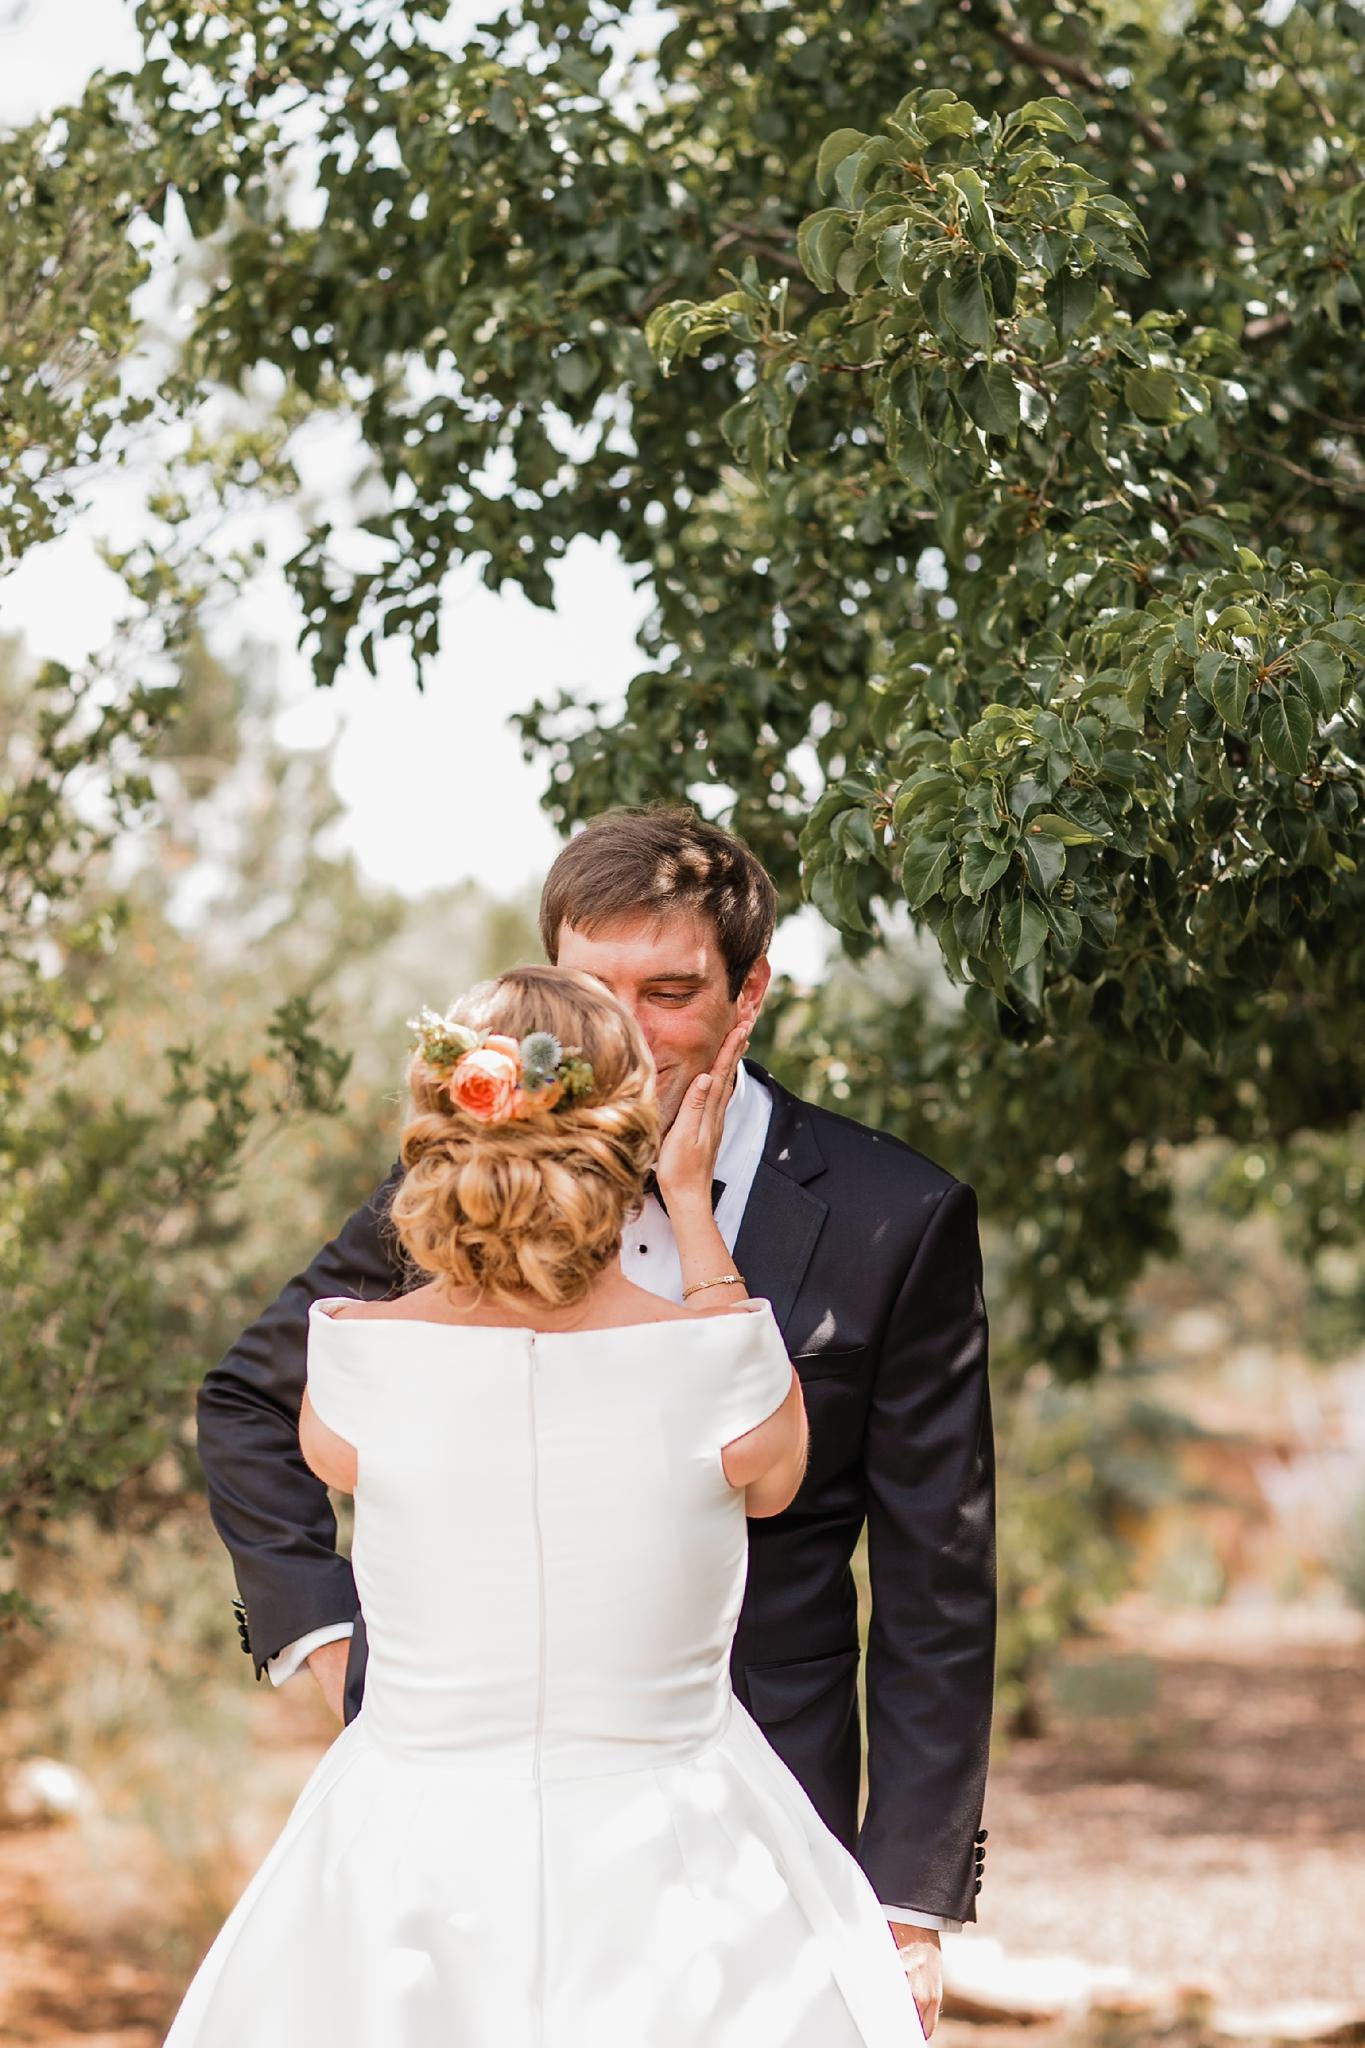 Alicia+lucia+photography+-+albuquerque+wedding+photographer+-+santa+fe+wedding+photography+-+new+mexico+wedding+photographer+-+new+mexico+wedding+-+las+campanas+wedding+-+santa+fe+wedding+-+maximalist+wedding+-+destination+wedding_0033.jpg